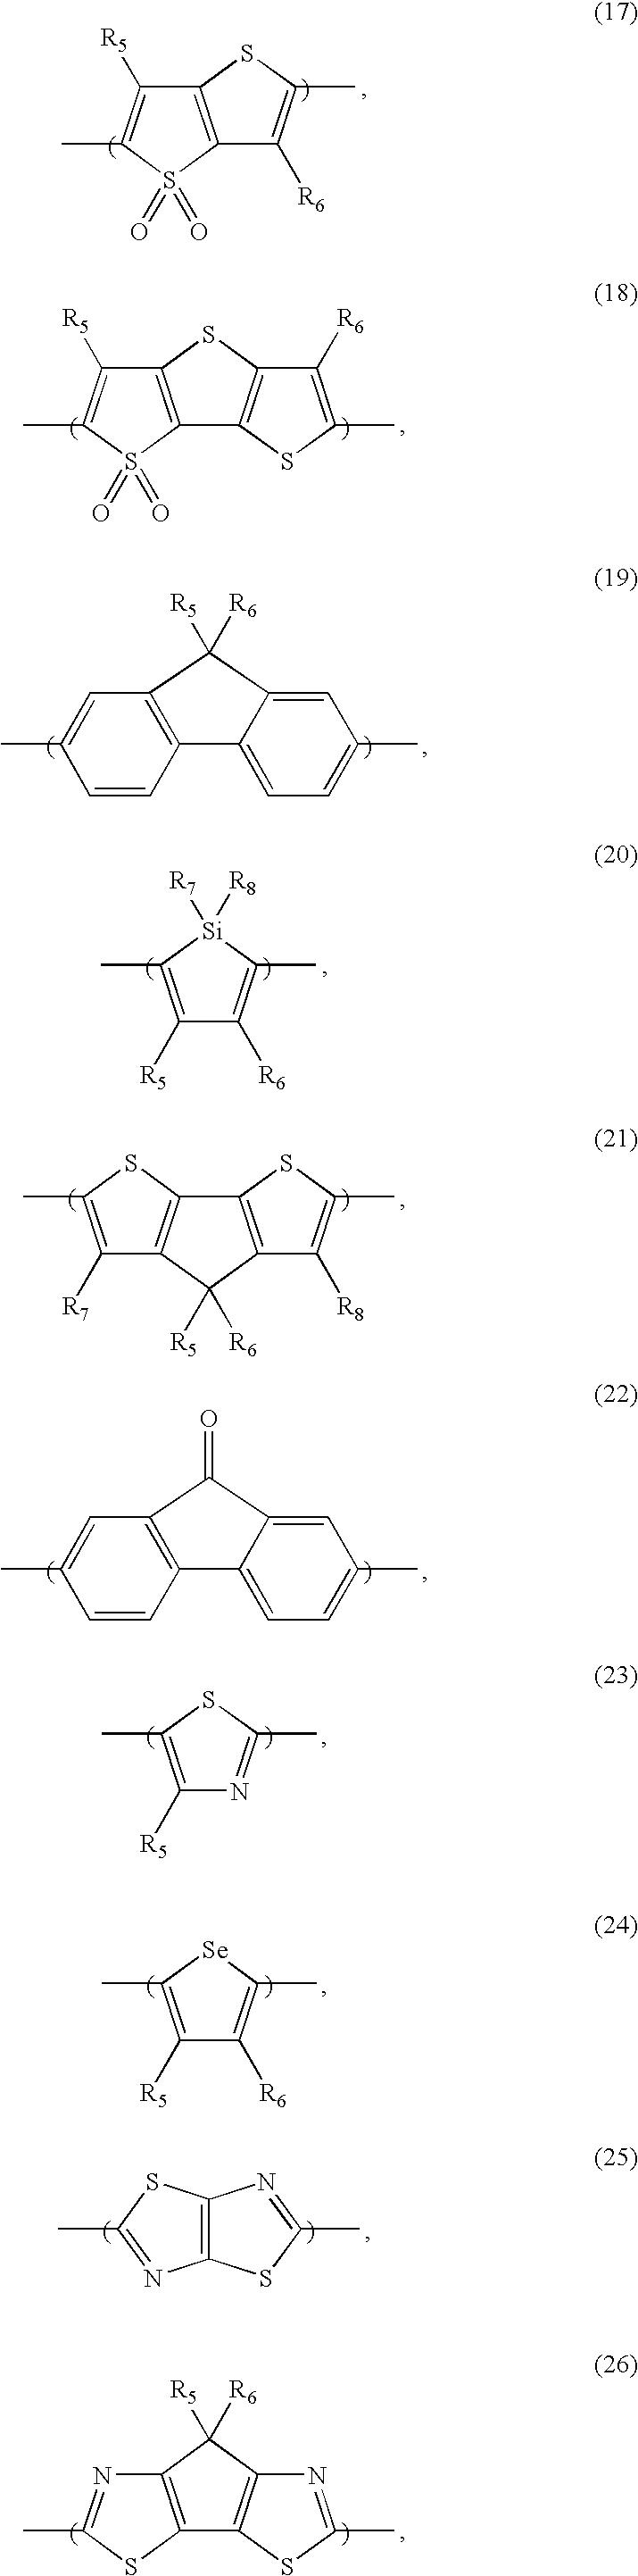 Figure US20080006324A1-20080110-C00004